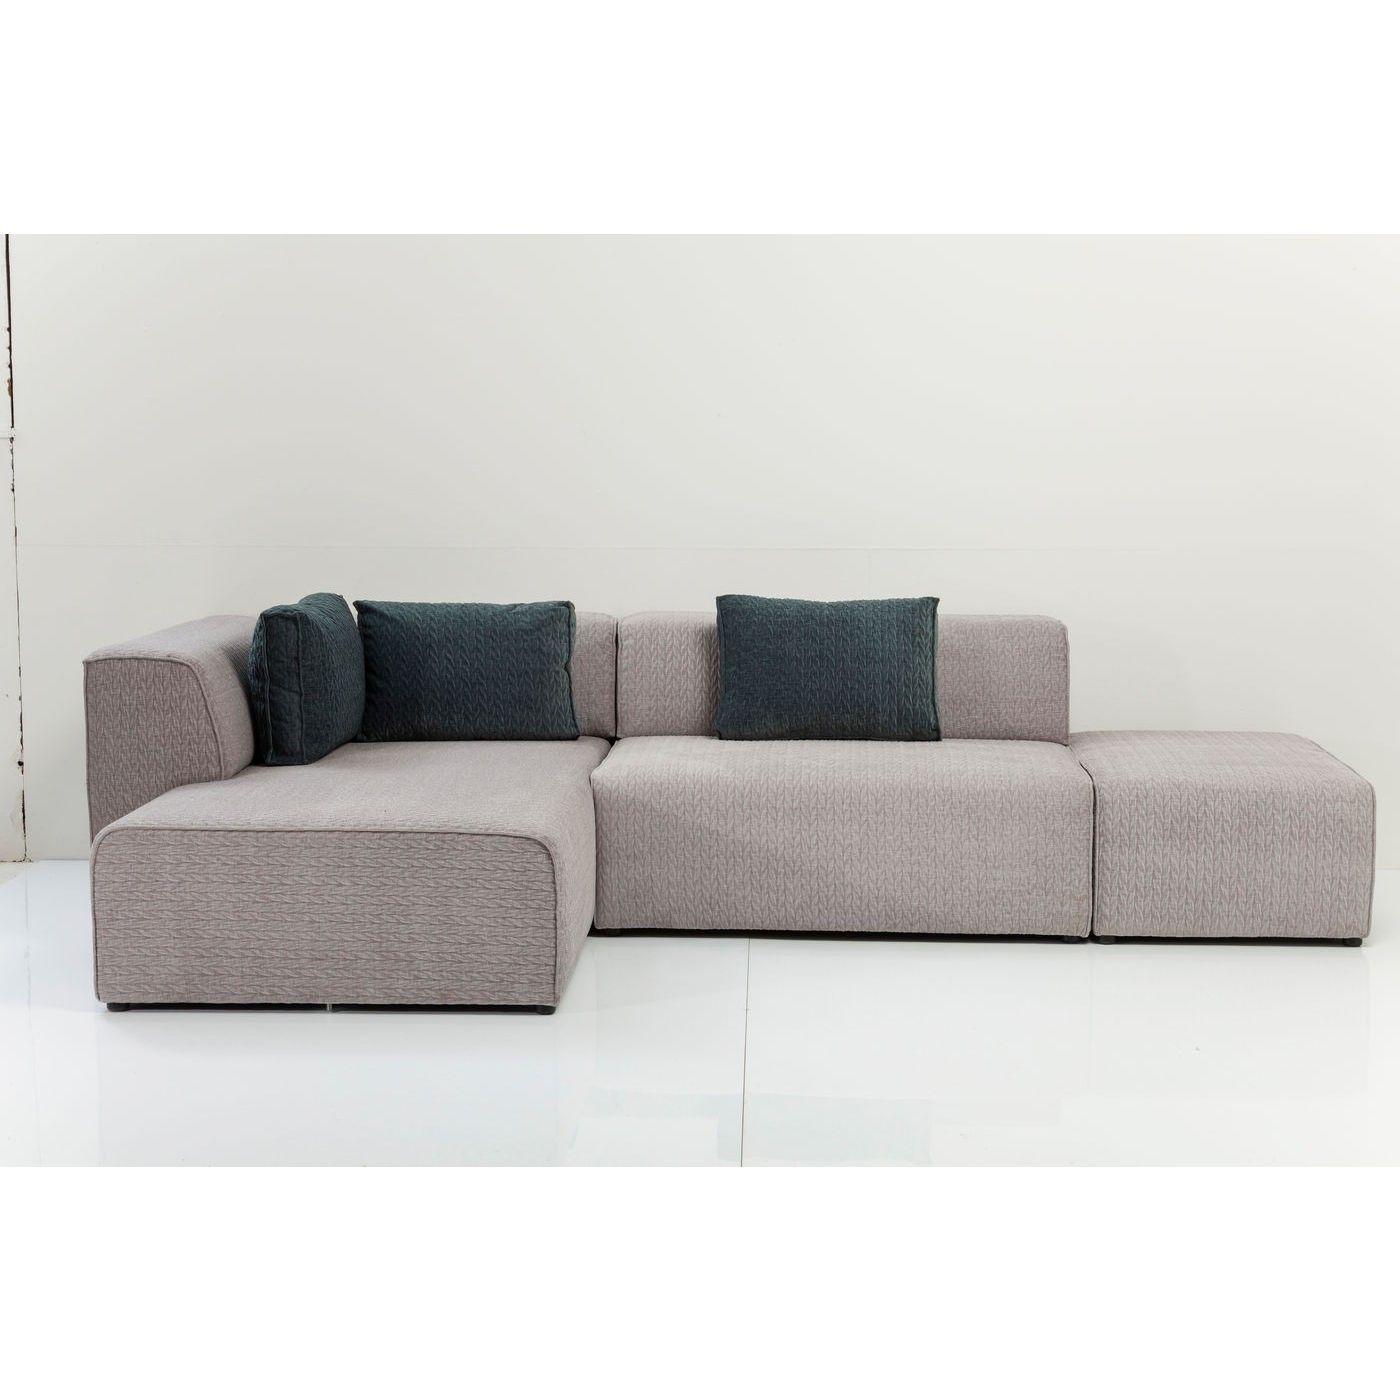 Full Size of Kare Sofa Leder Design Bed Furniture Samt Sales Ottomane Links Infinity Soft Grau Relaxfunktion 2 Sitzer Leinen Büffelleder Tom Tailor Jugendzimmer Gelb In L Sofa Kare Sofa